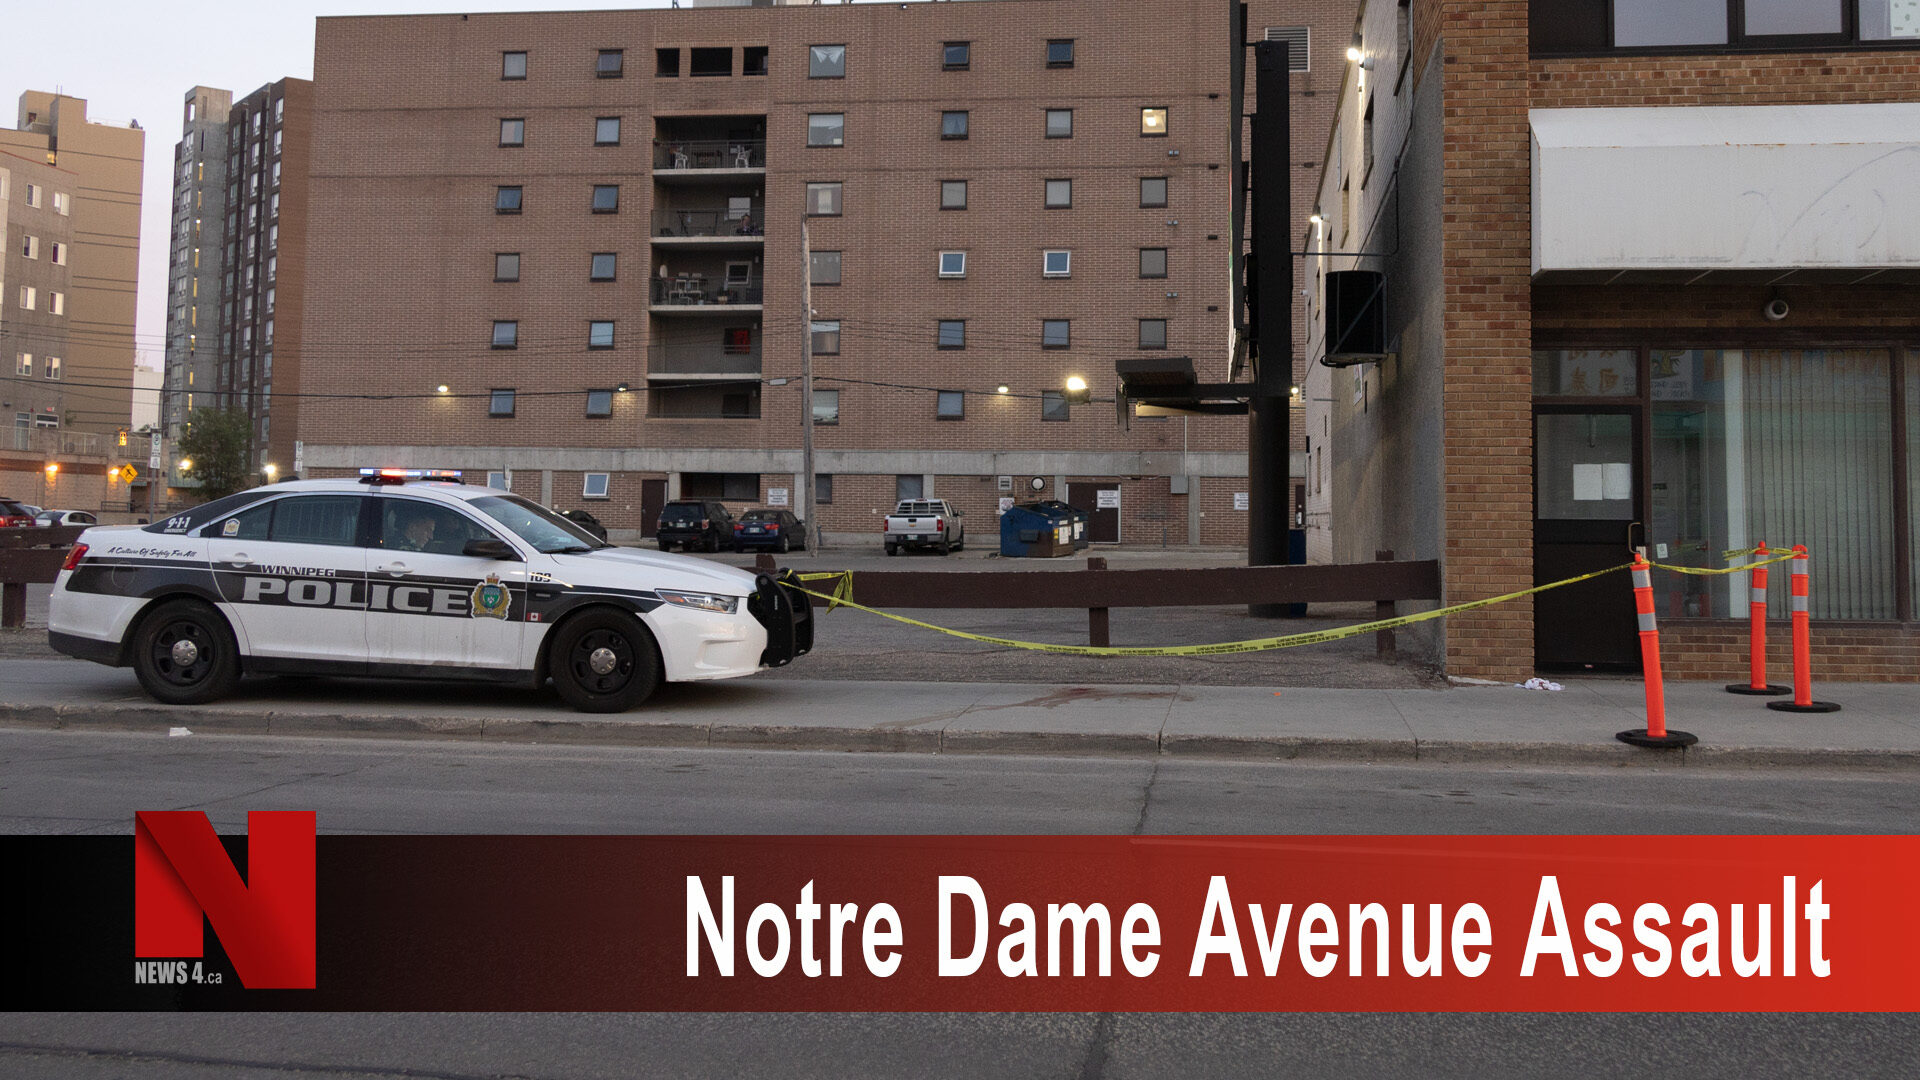 Notre Dame Avenue Assault